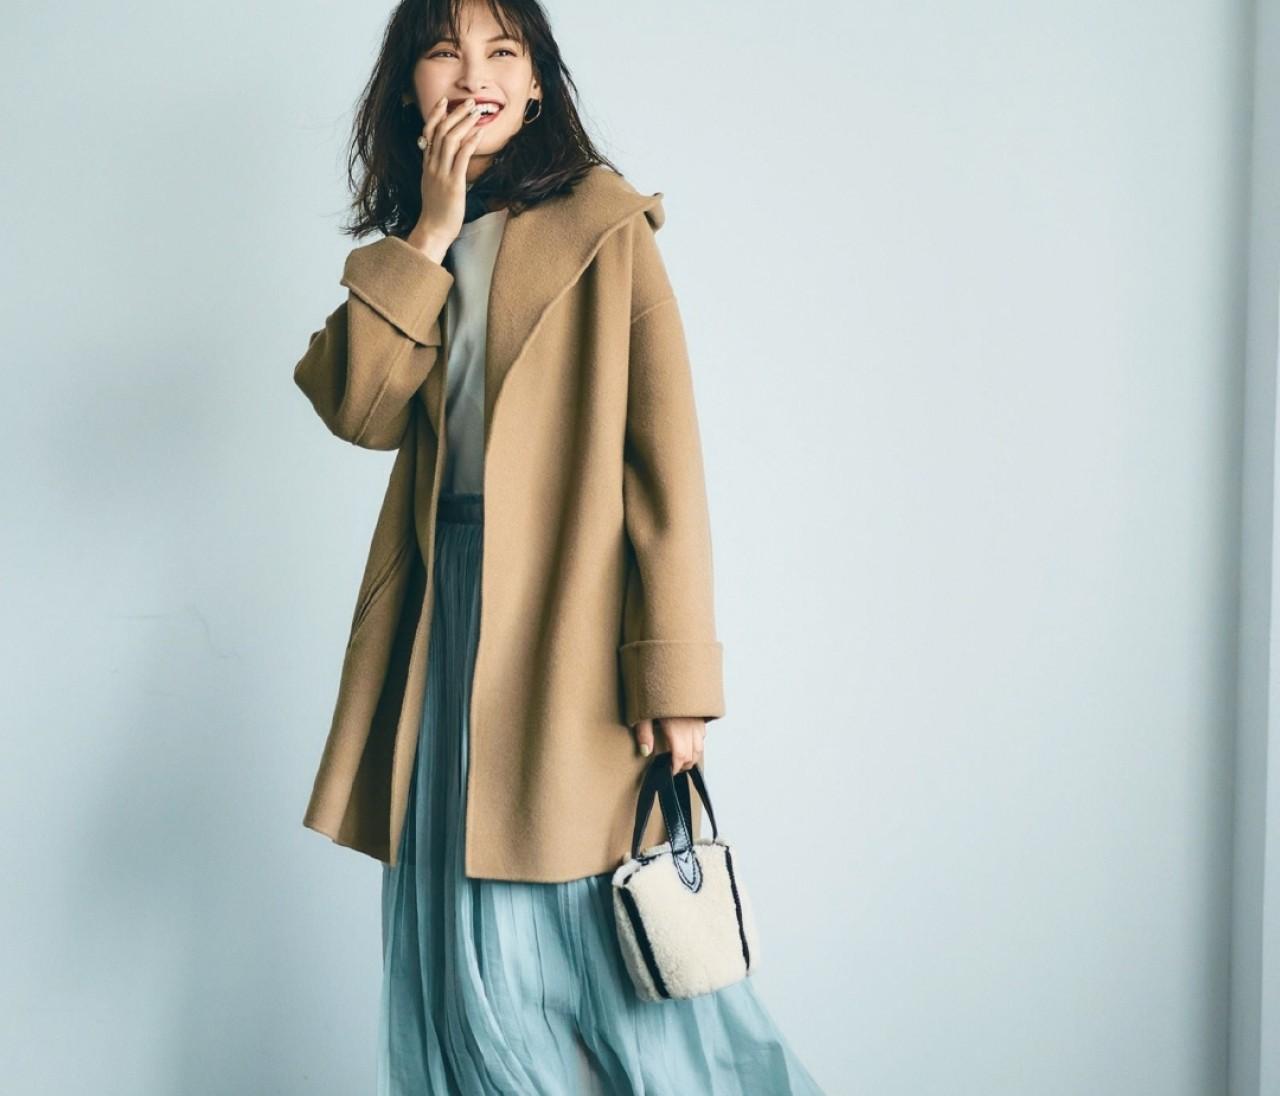 金曜日は、甘めスタイルをラテカラーのコートで大人っぽく【30代今日のコーデ】